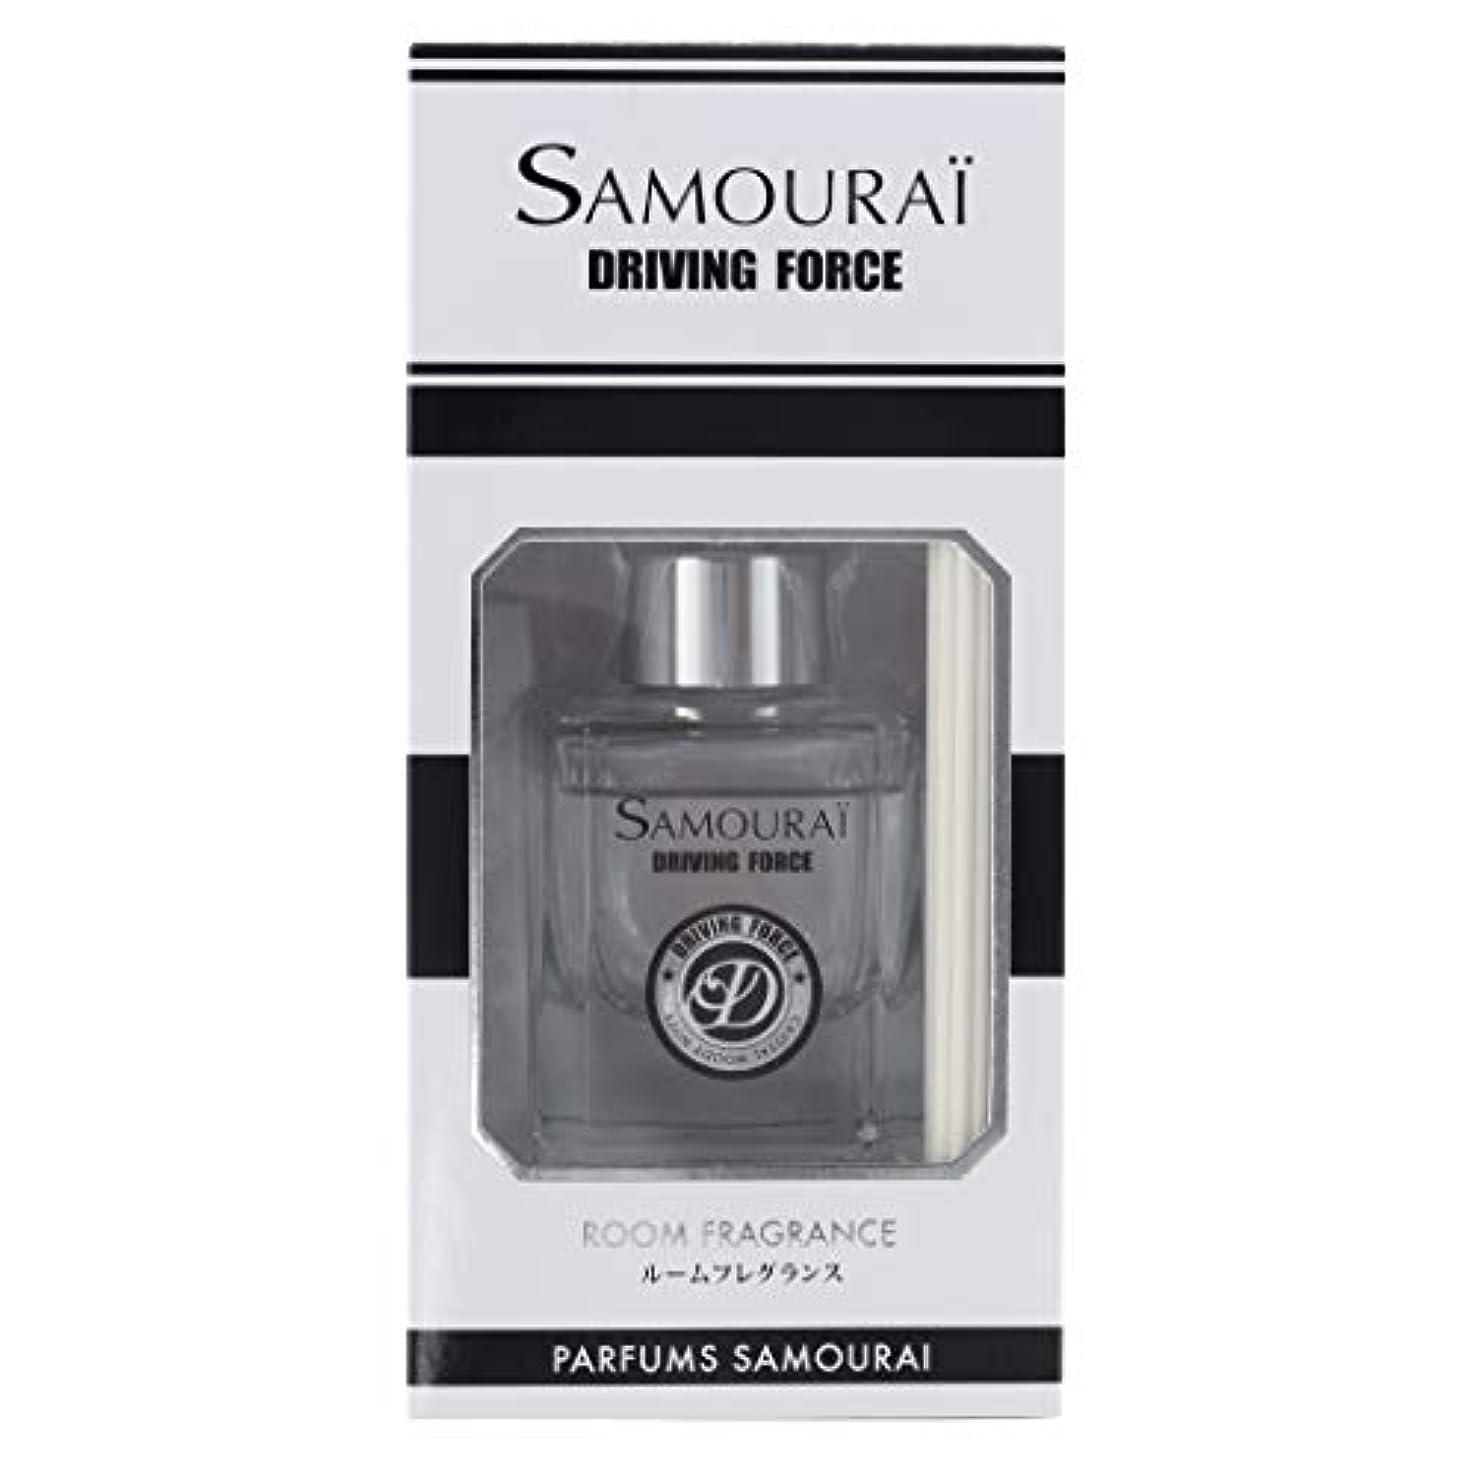 比類なき気になる送ったサムライ ドライビングフォース ルームフレグランス 60ml 香る男の新定番「サムライ ドライビングフォース」の香り